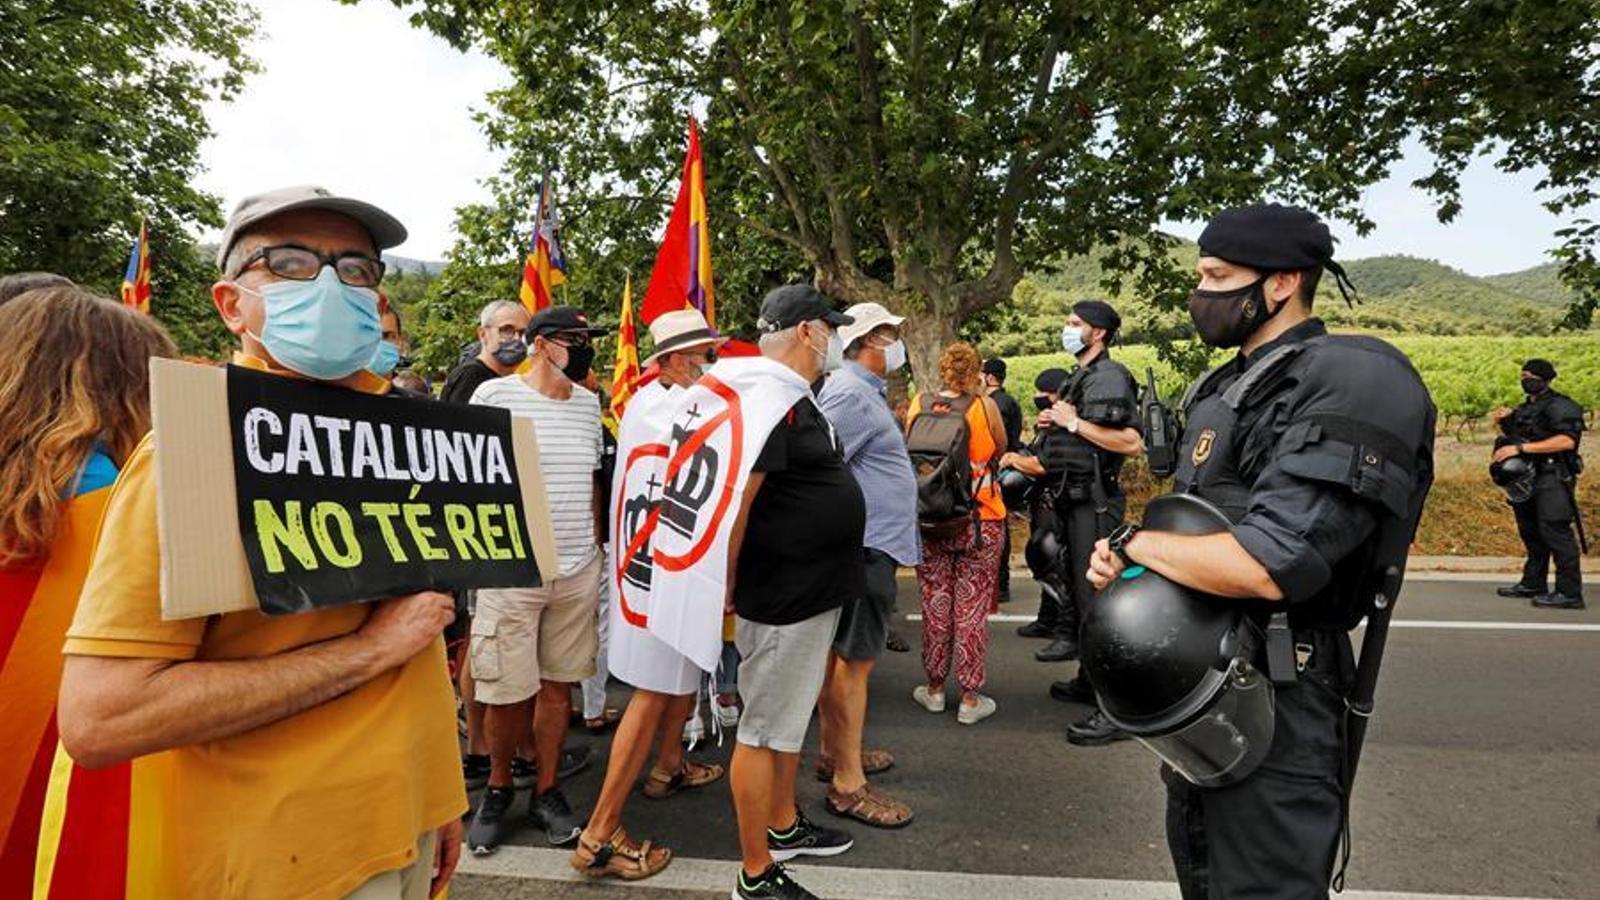 La visita dels reis a Catalunya torna a acabar amb incidents